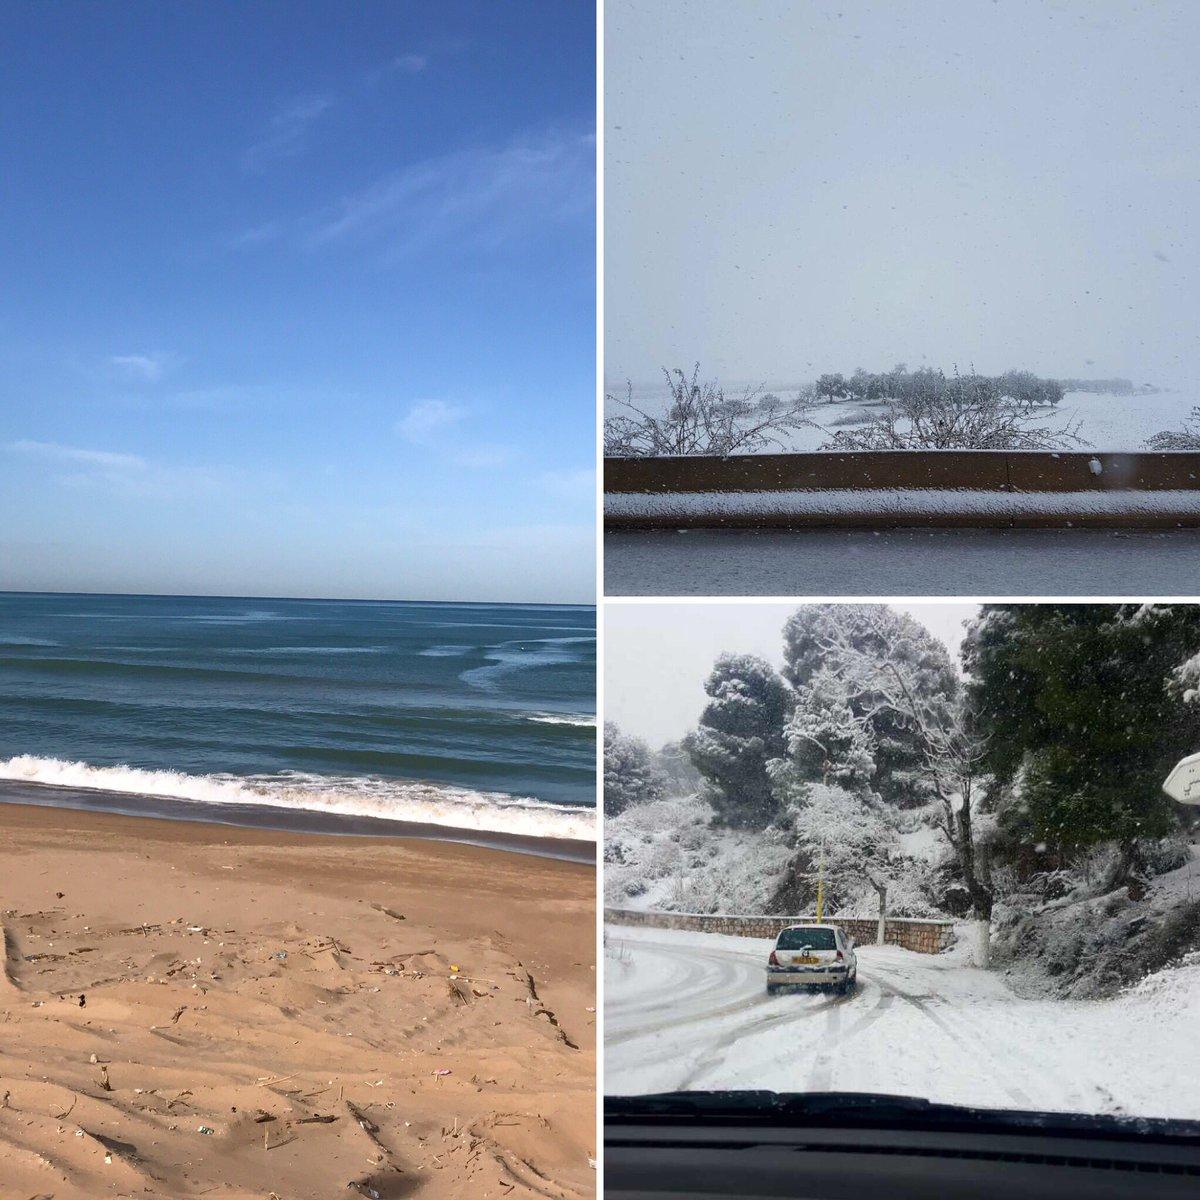 En même moment en #algerie nous avons du soleil de la neige , des beaux paysages  le #pétrole ne sera jamais aussi puissant <br>http://pic.twitter.com/utjKiDamH7